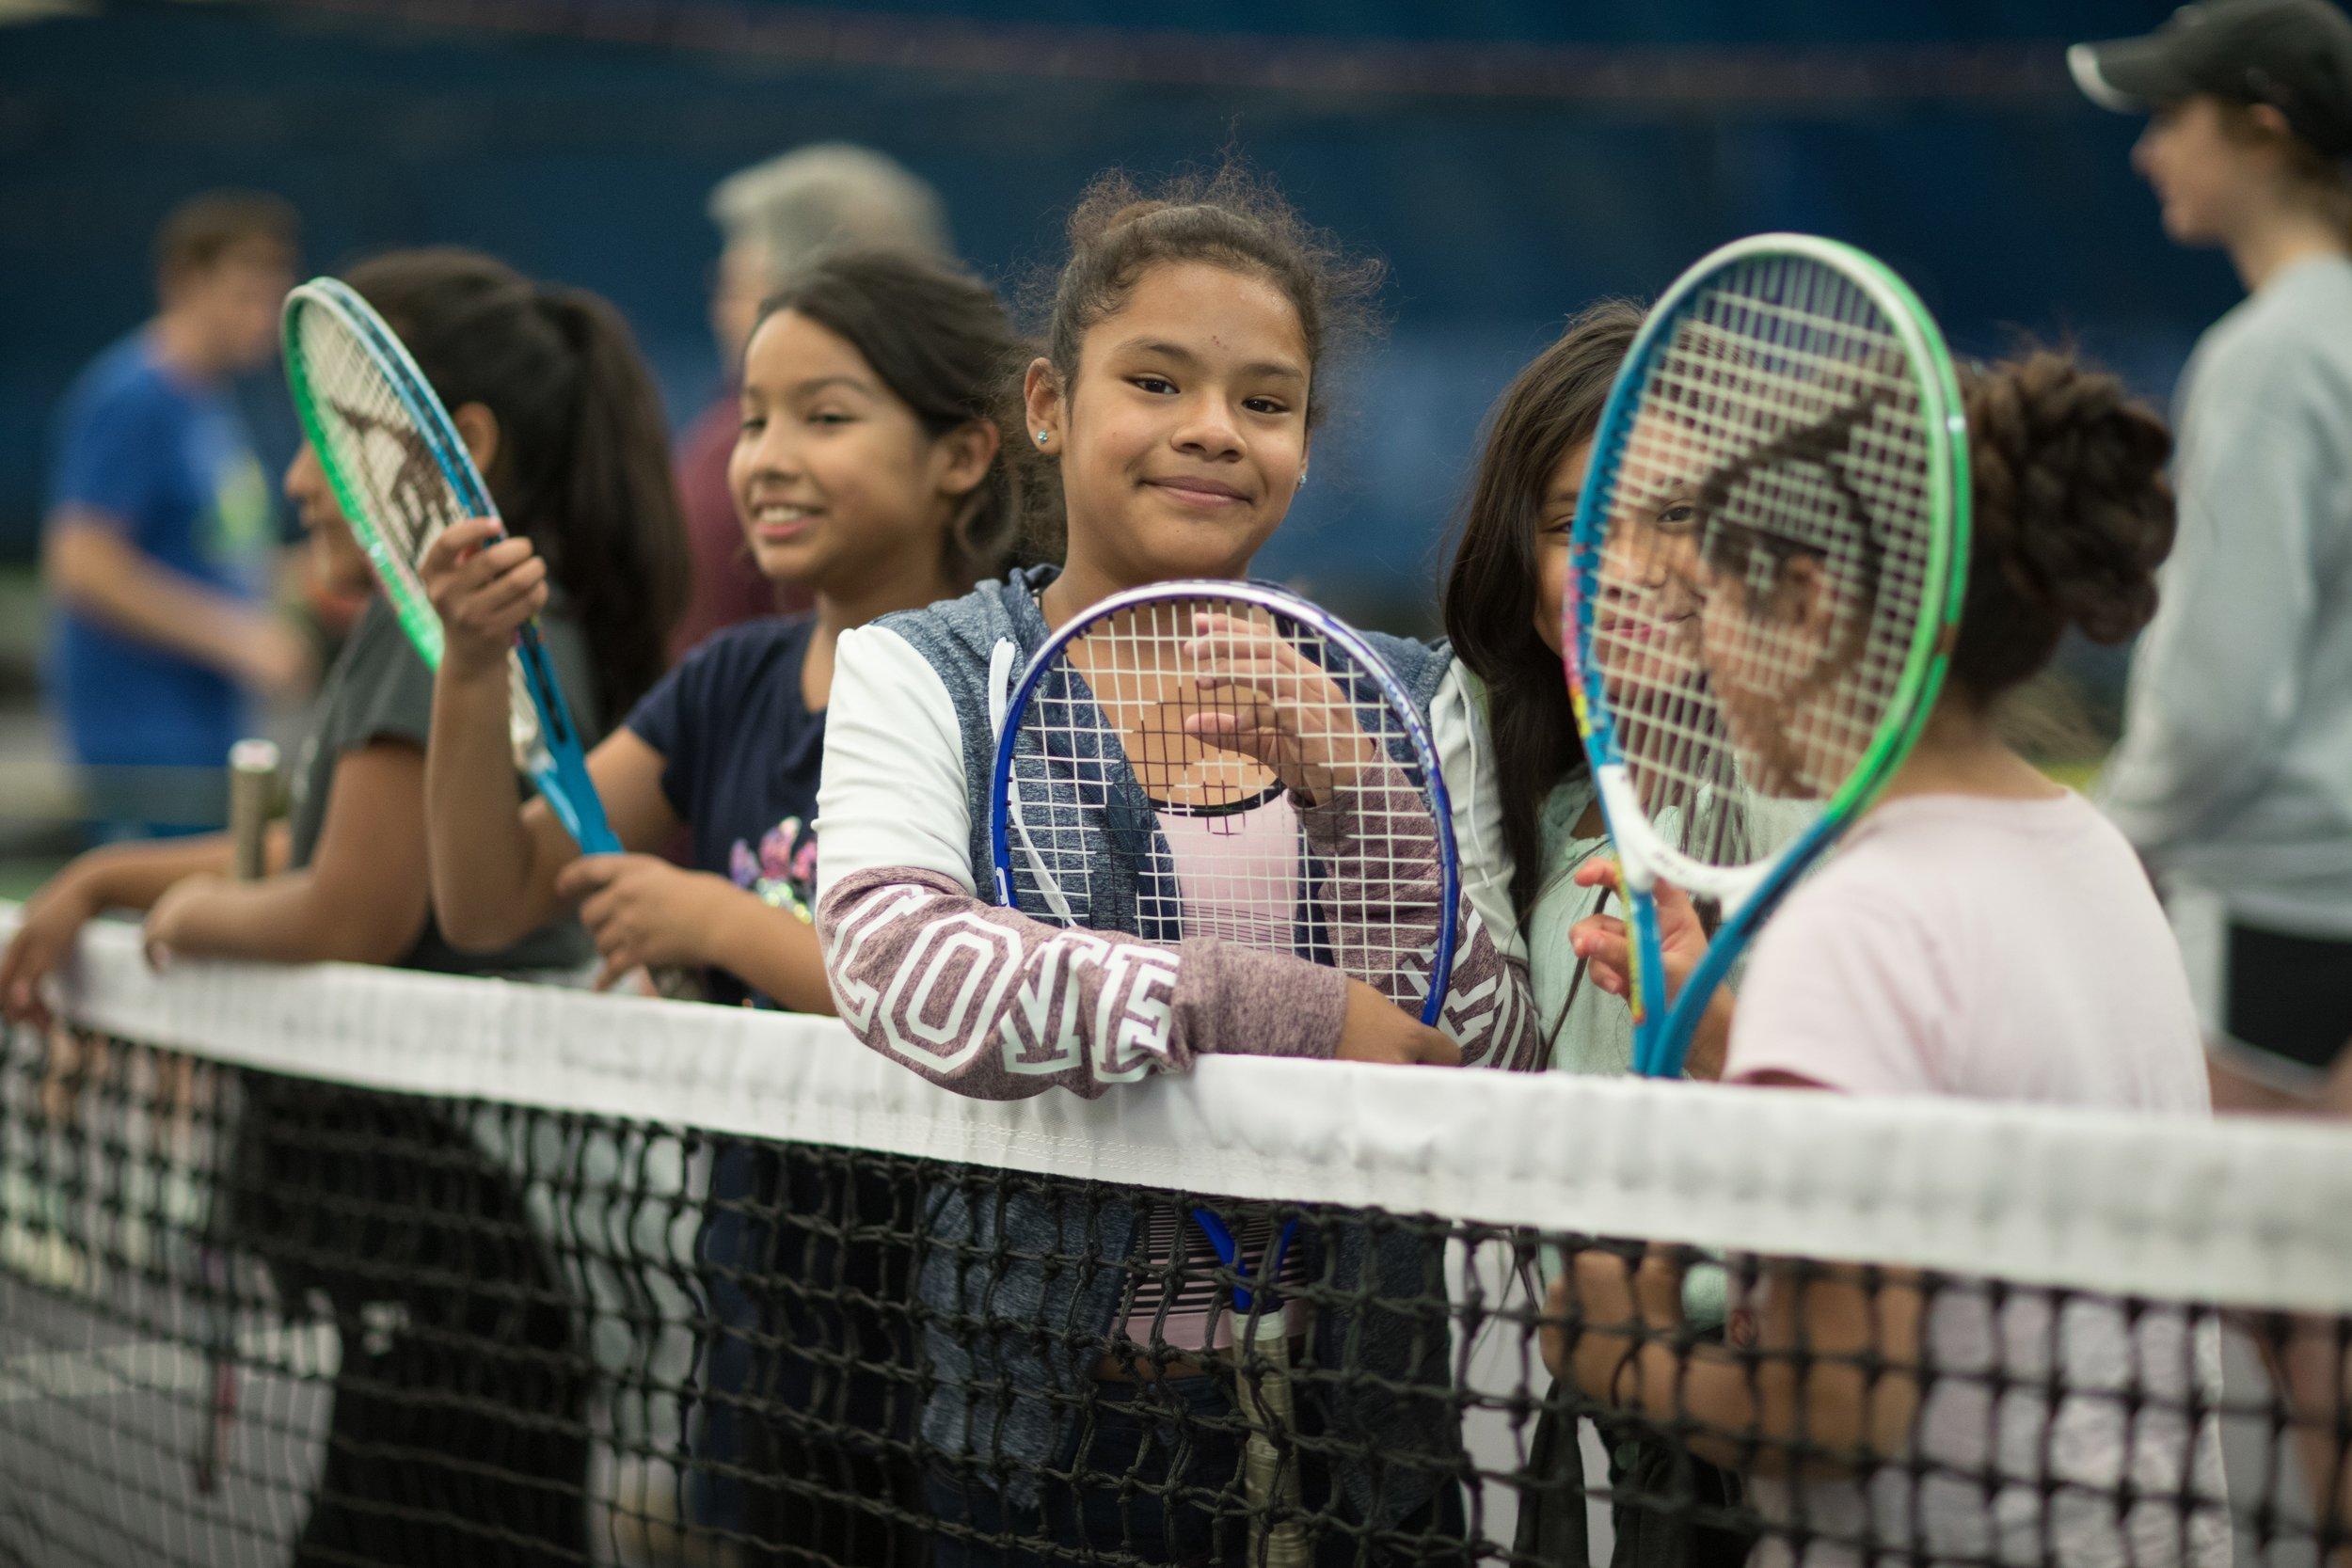 TennisWorks girl with smile.jpg